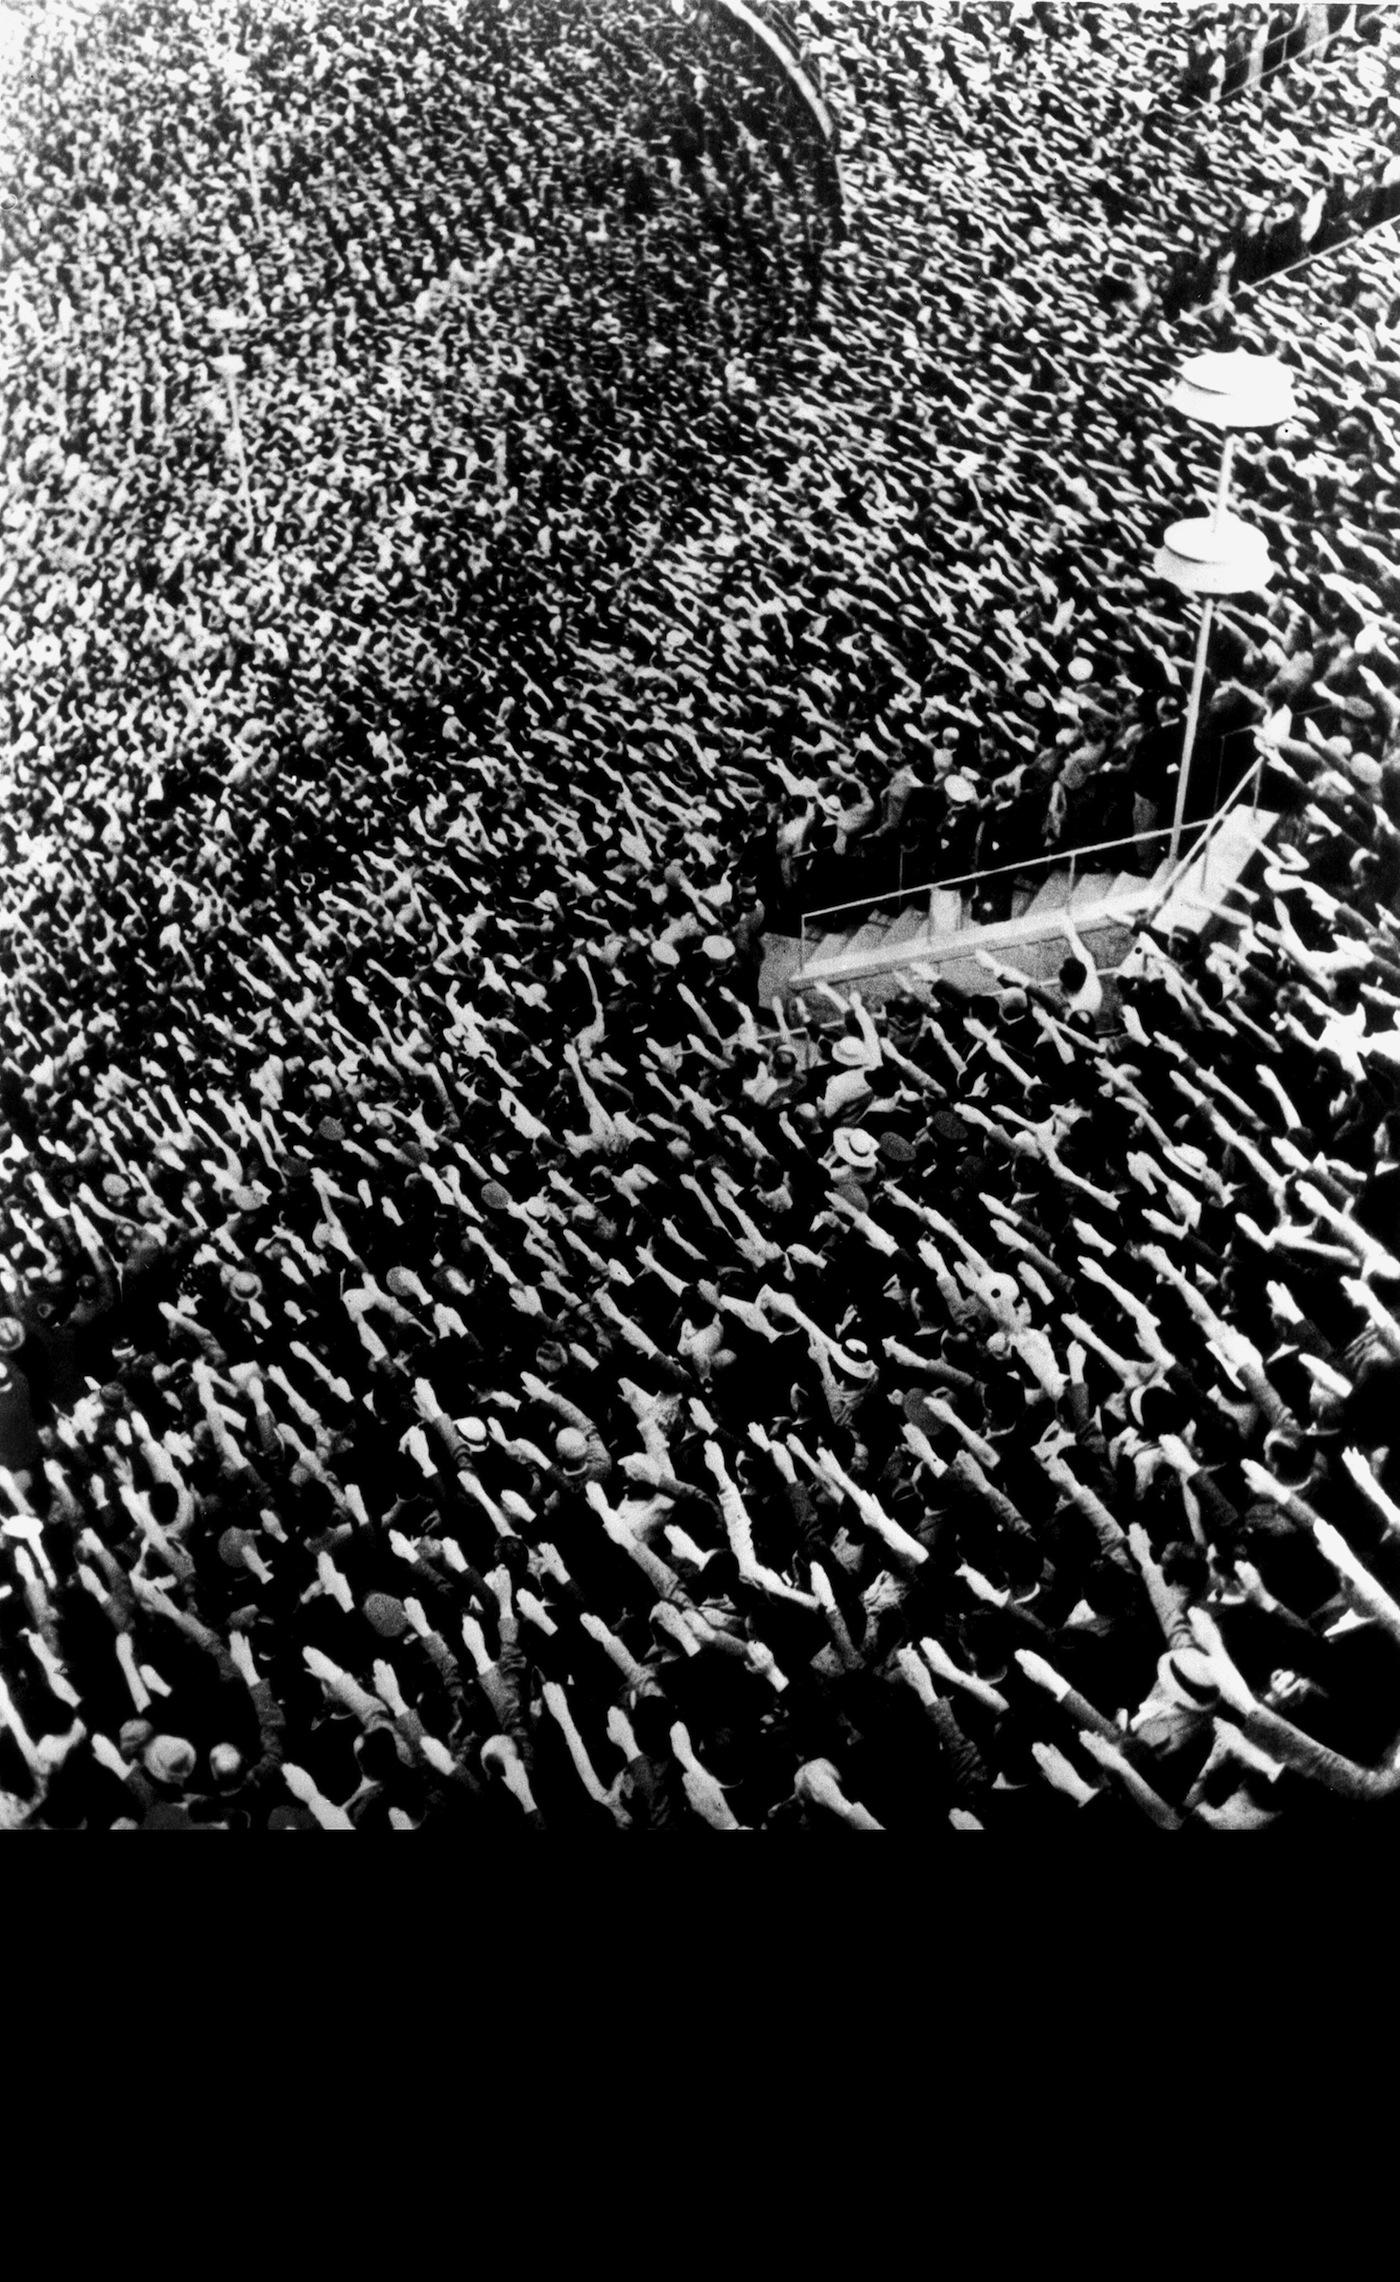 """Hanno una idea / Sie haben alle die gleiche Idee da """"Manipolazione di Cultura / Manipolation der Kultur"""" 1975 reperti fotografici e acrilico su tela (cm. 160x100) Courtesy Estate Fabio Mauri; Hauser & Wirth"""